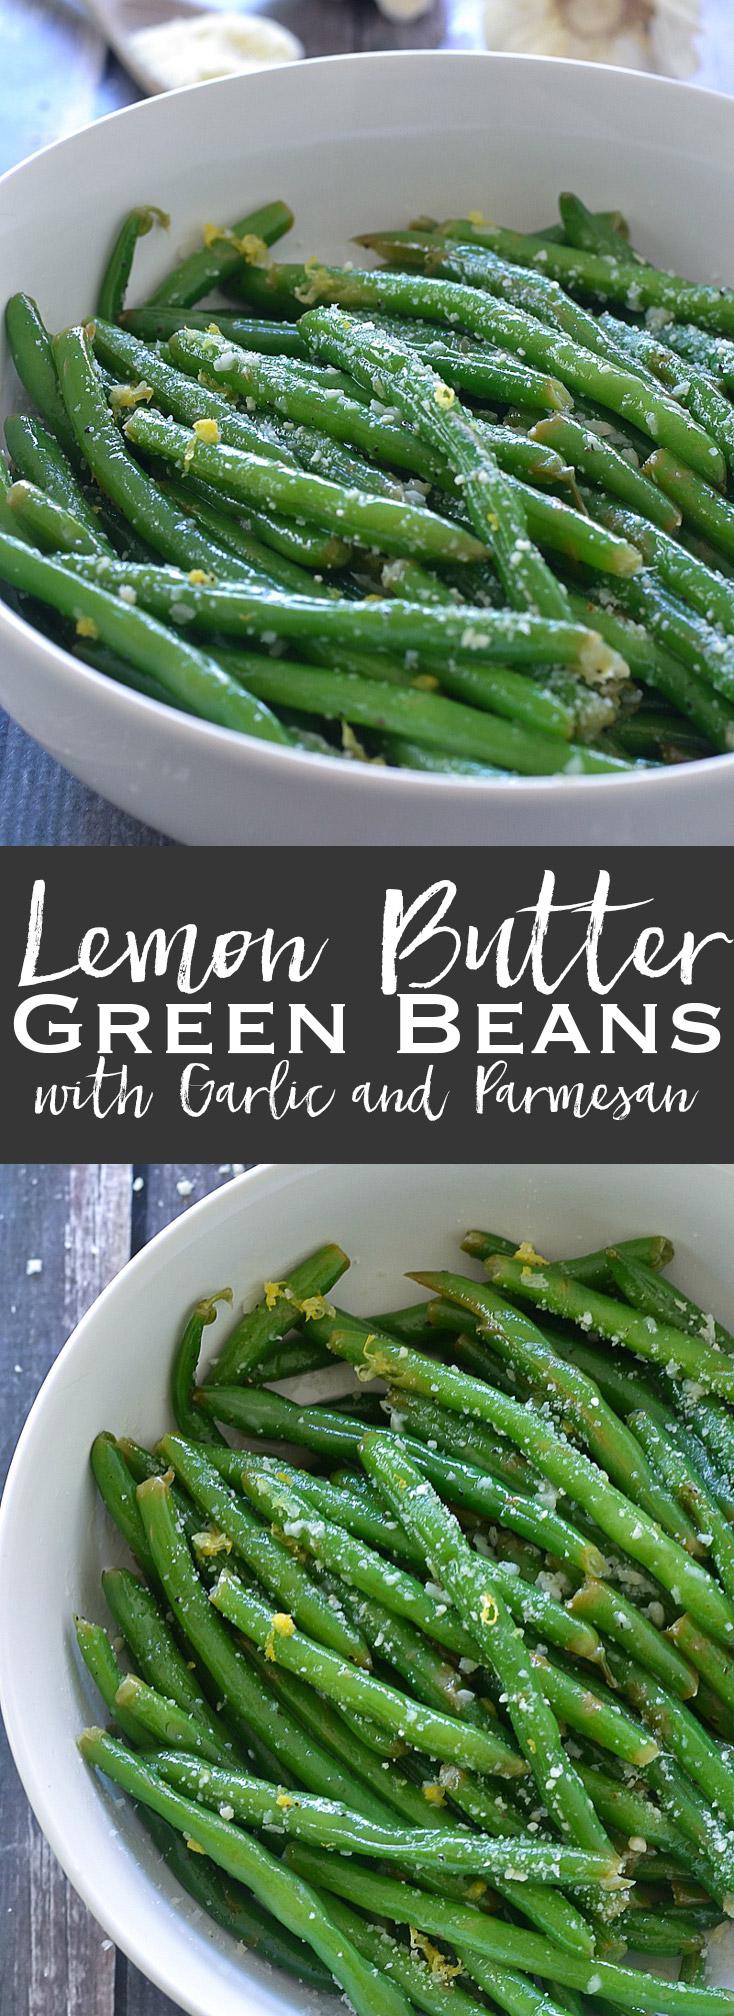 Lemon Butter Green Beans - Mother Thyme #greenbean